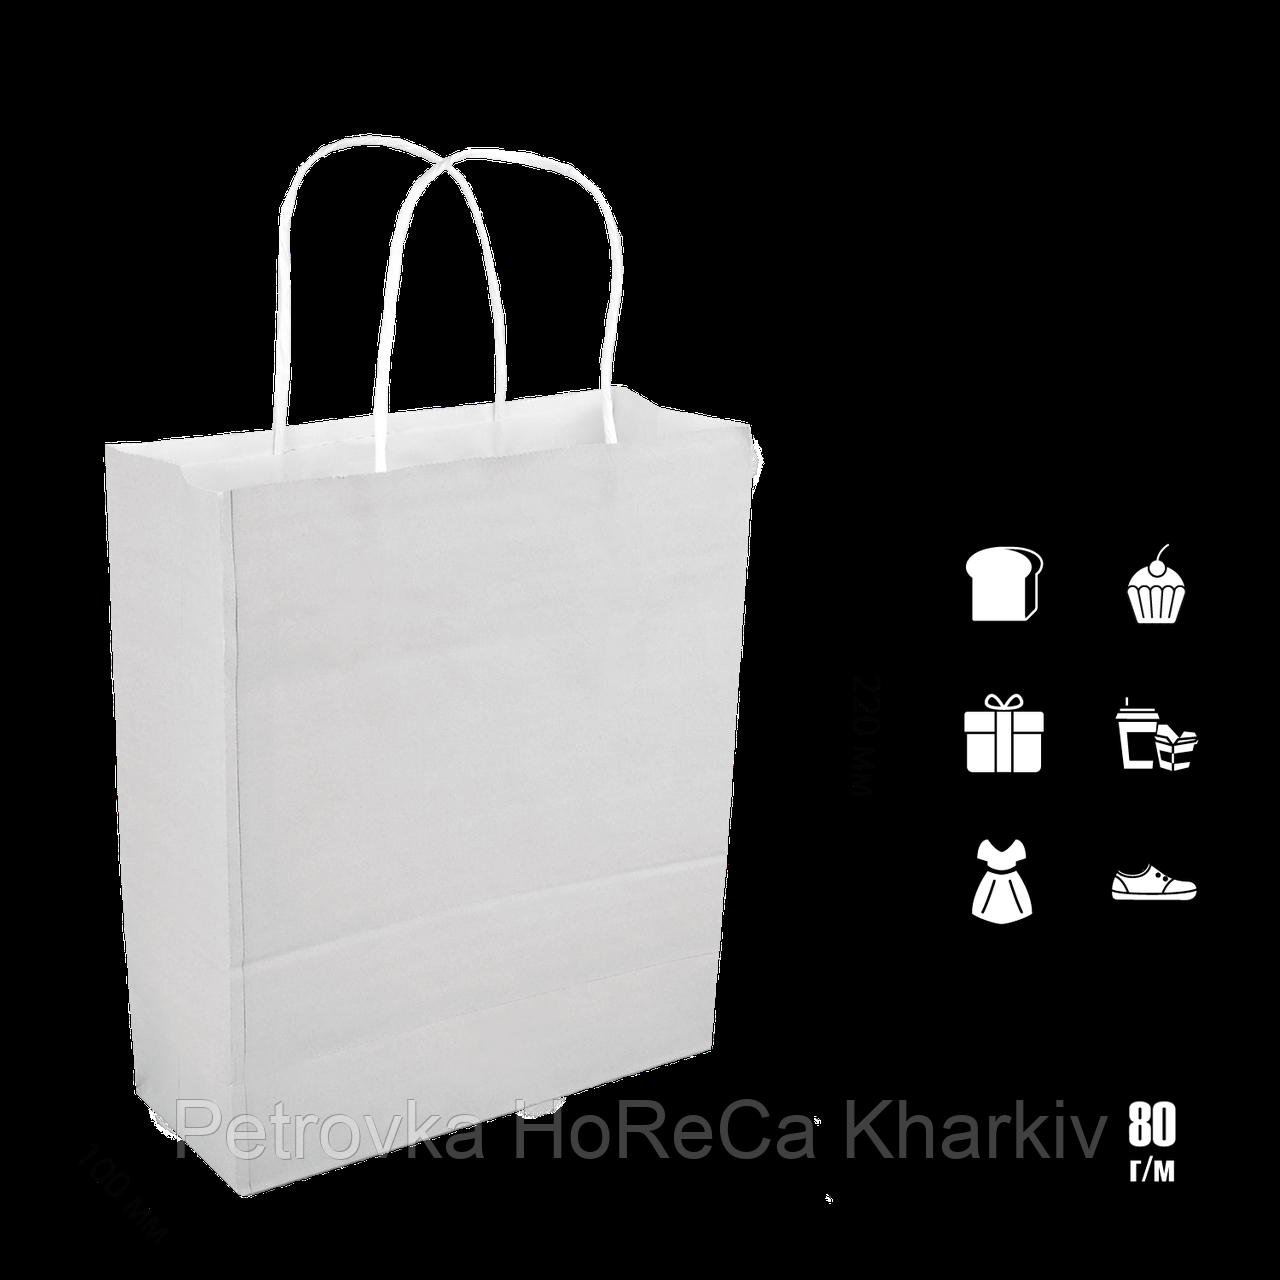 Бумажный пакет белый с кручеными ручками  200*100*220мм (Ш.Г.В) Пл 80г (690)